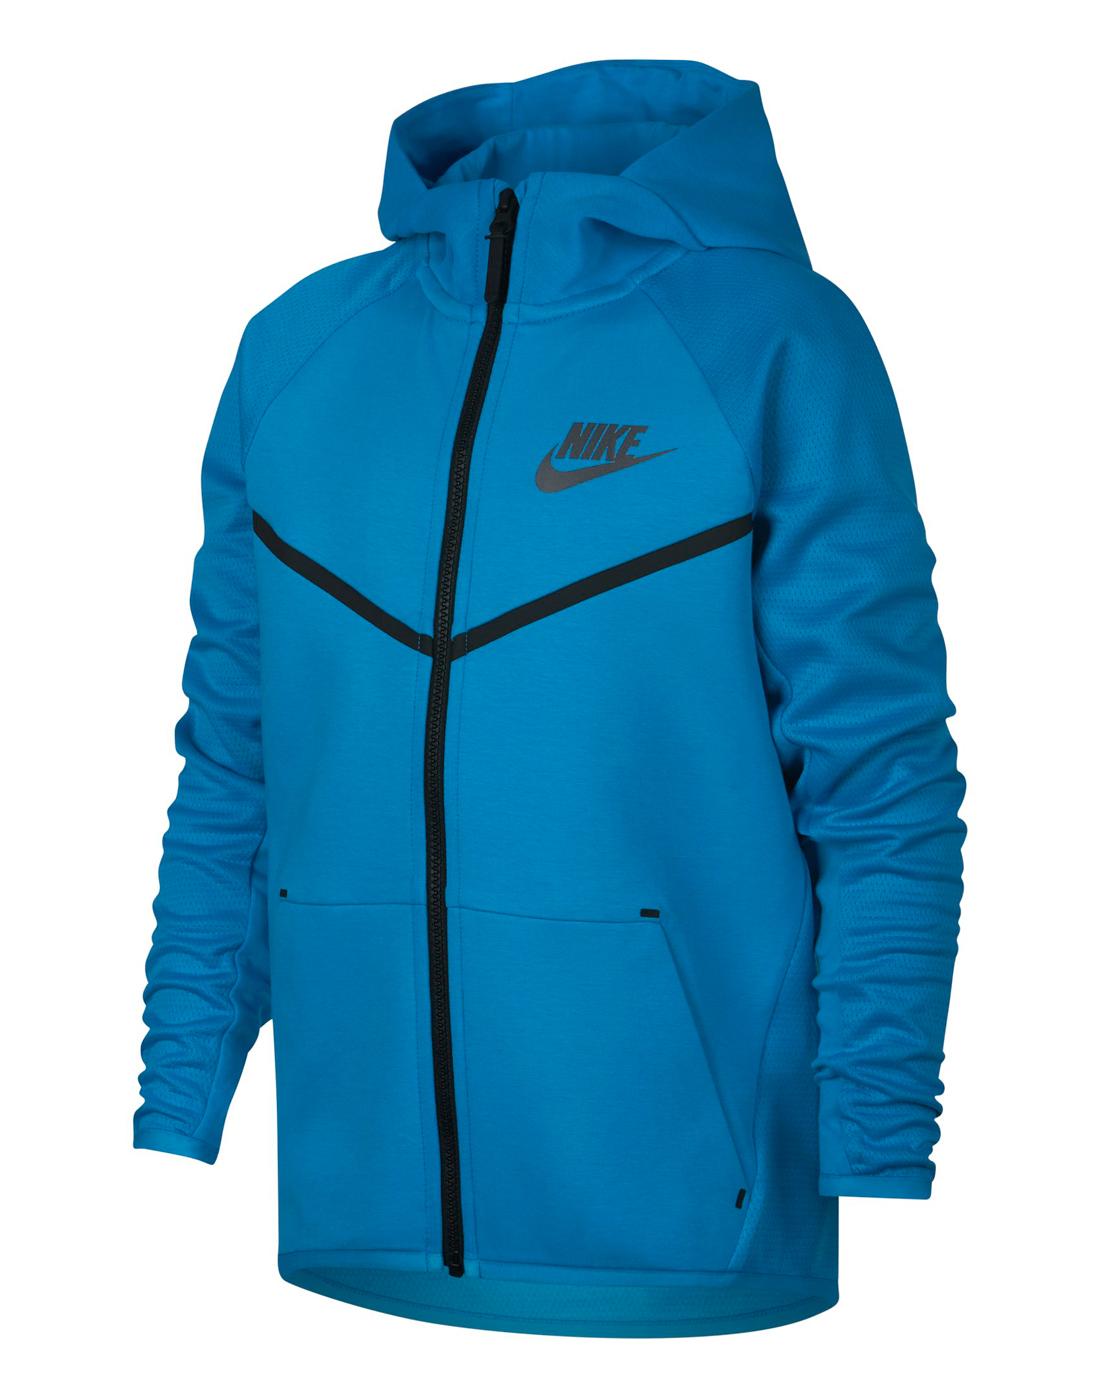 4f8039686f4d Nike Older Boys Tech Fleece Hoody